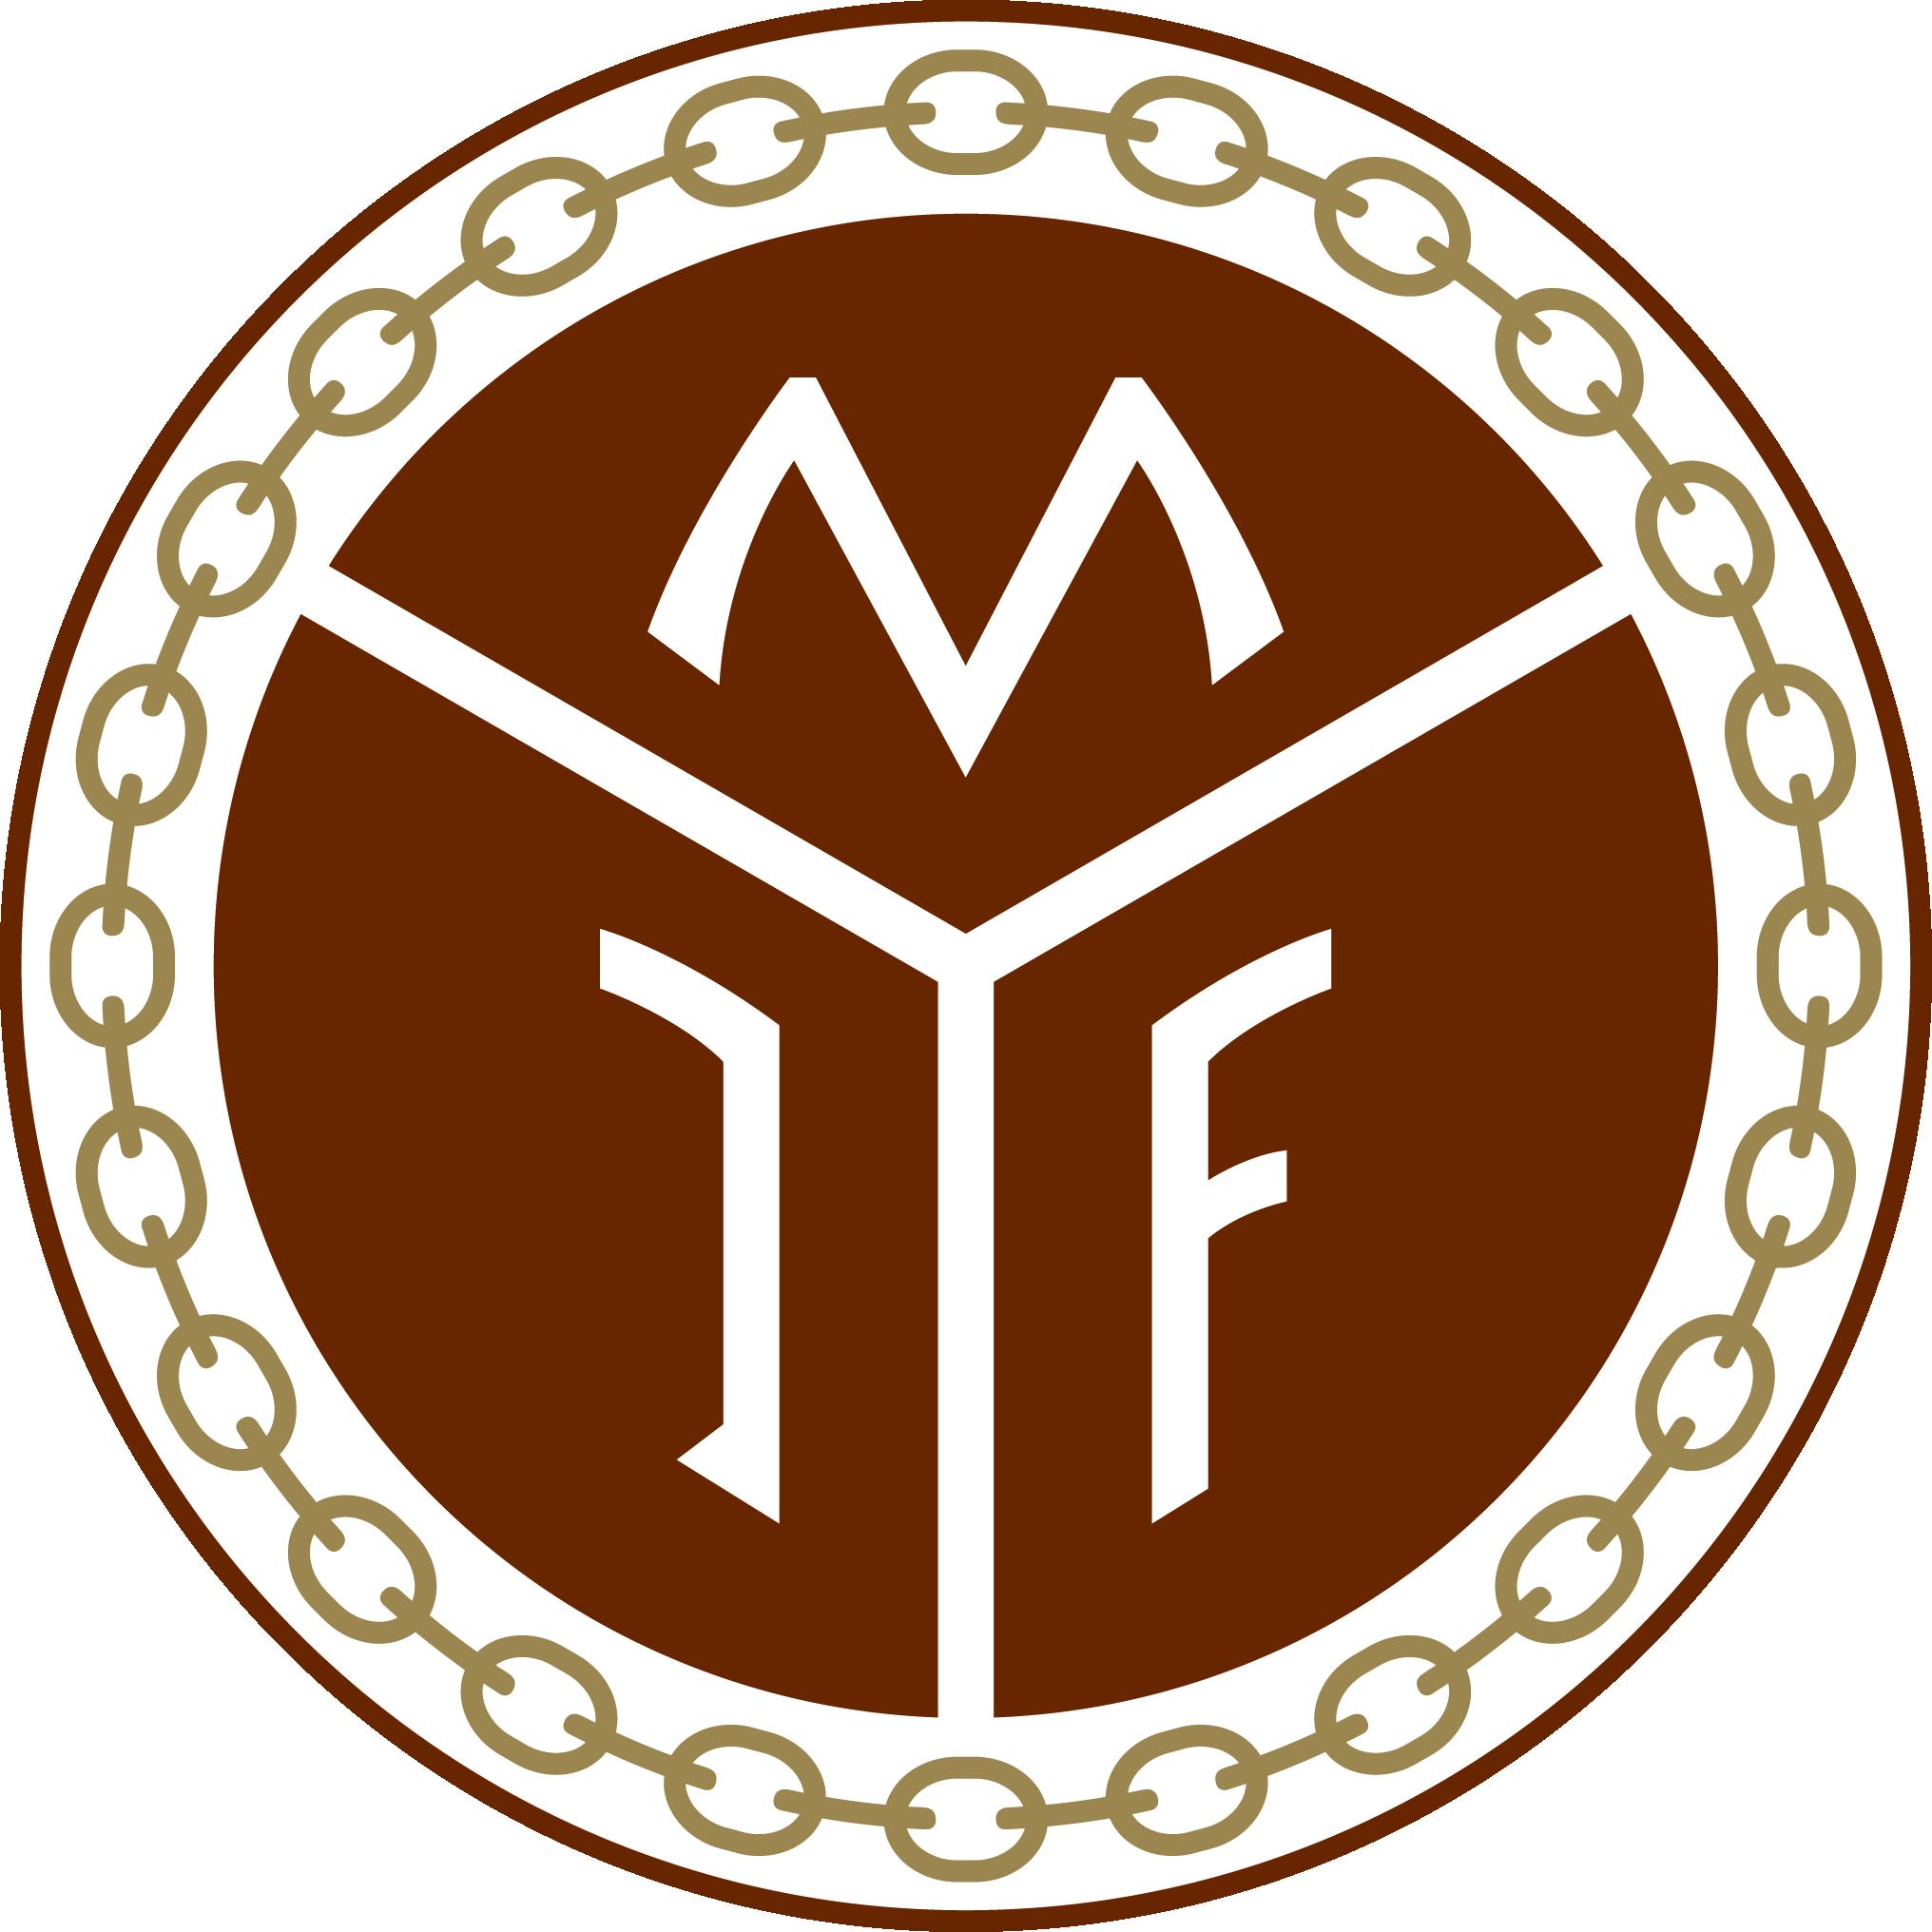 Mjondalen IF Football logo, Historical logo, Logos